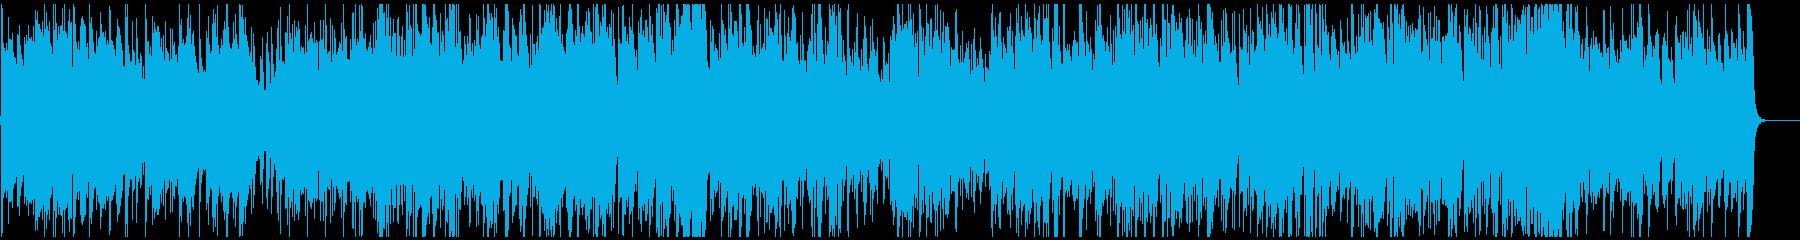 アップテンポなインテリ系ジャズボサノバの再生済みの波形